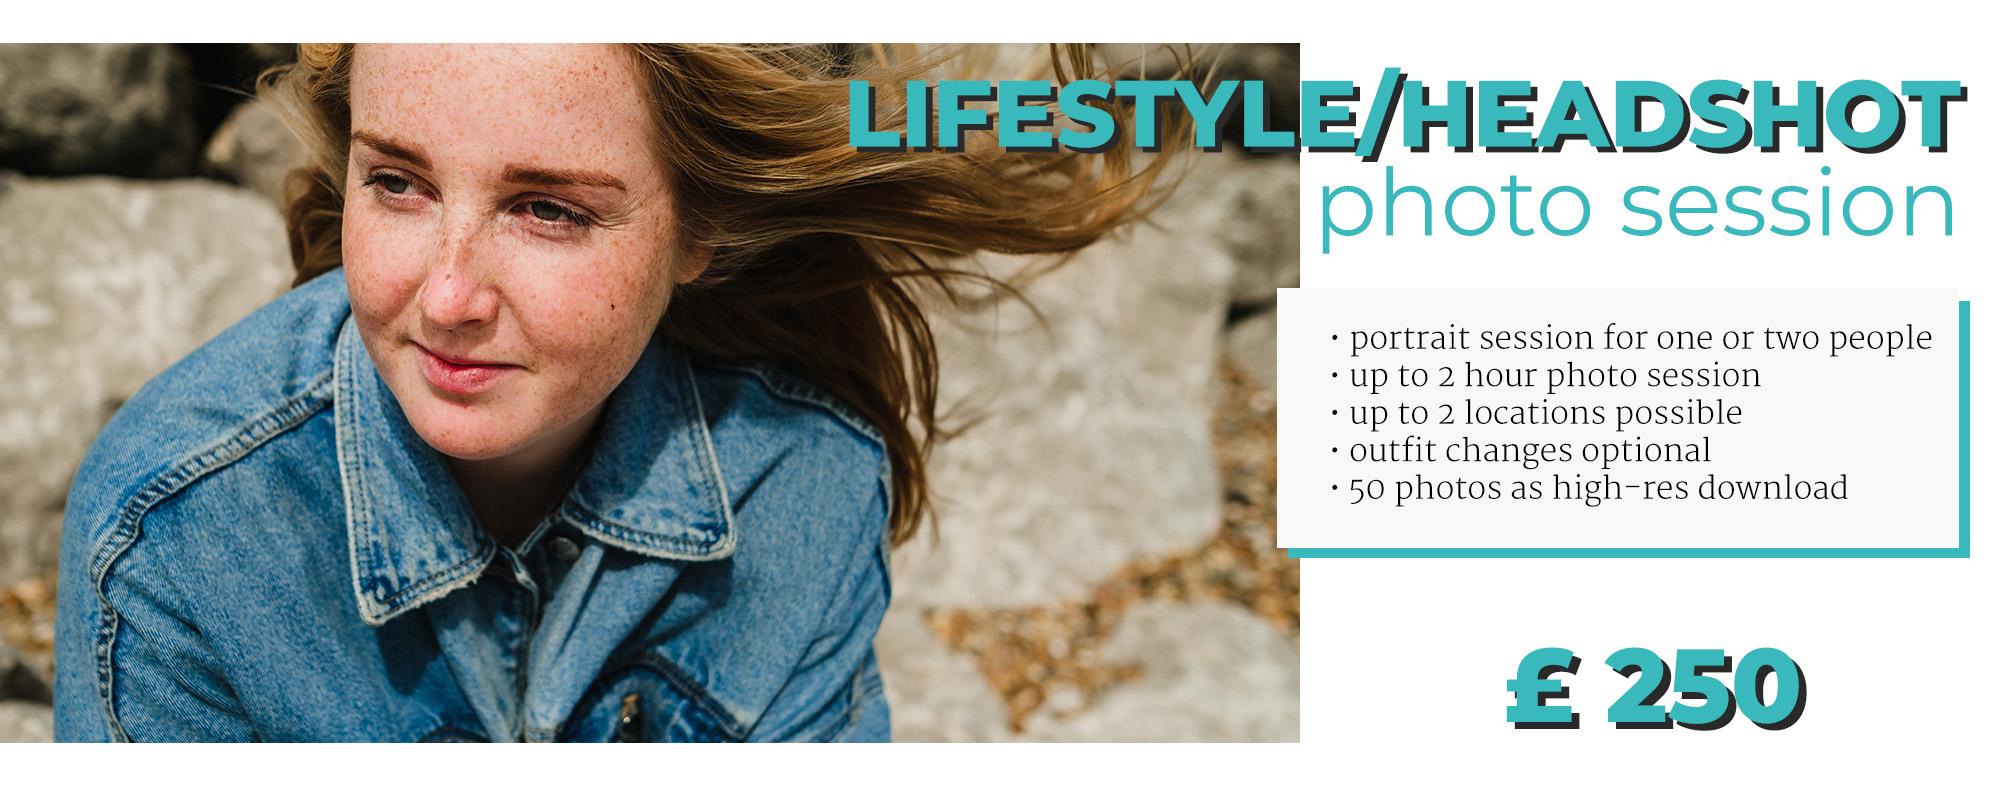 portrait lifestyle headshot photo session